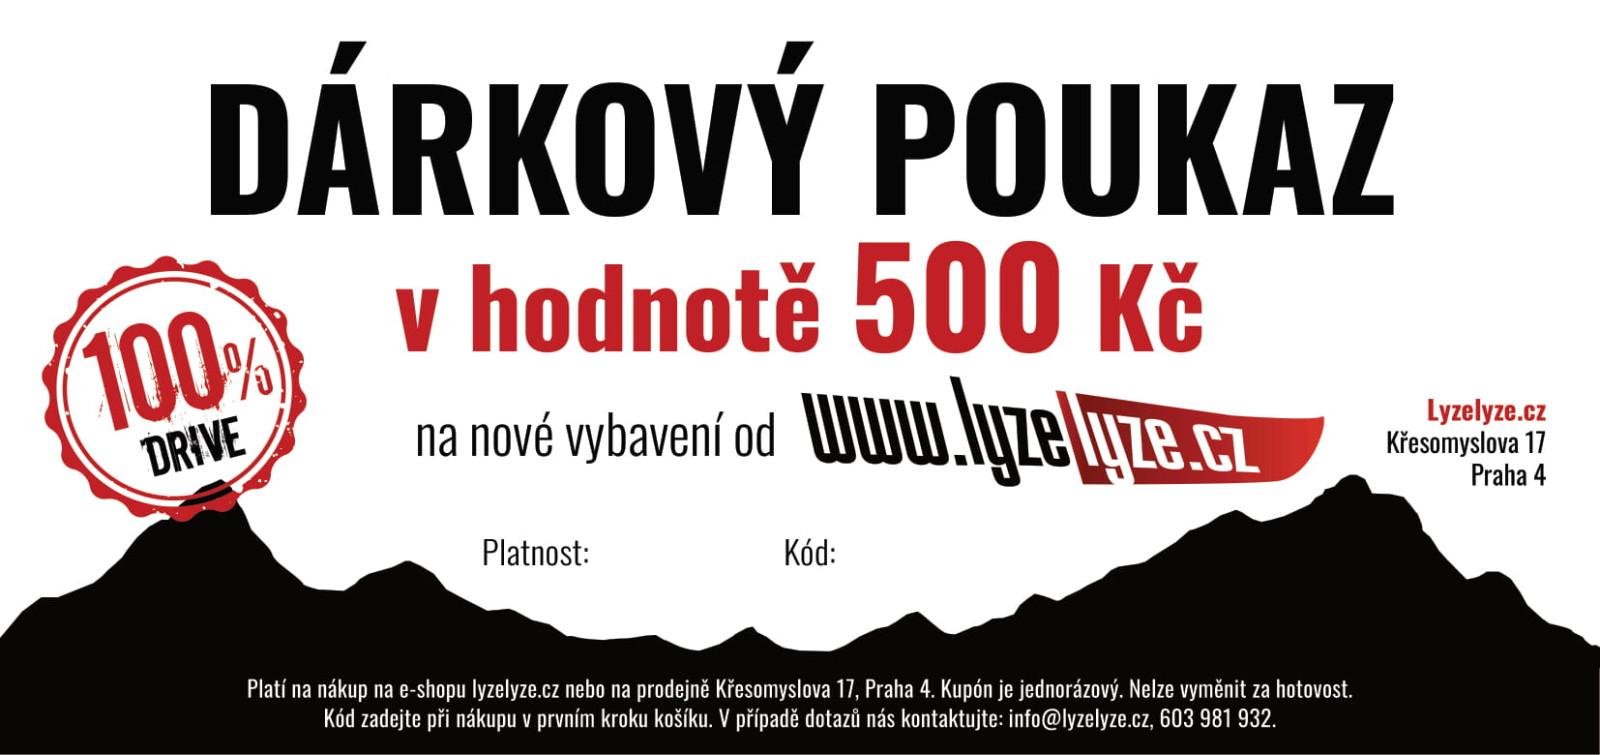 LyzeLyze.cz Dárkový poukaz 500 Kč